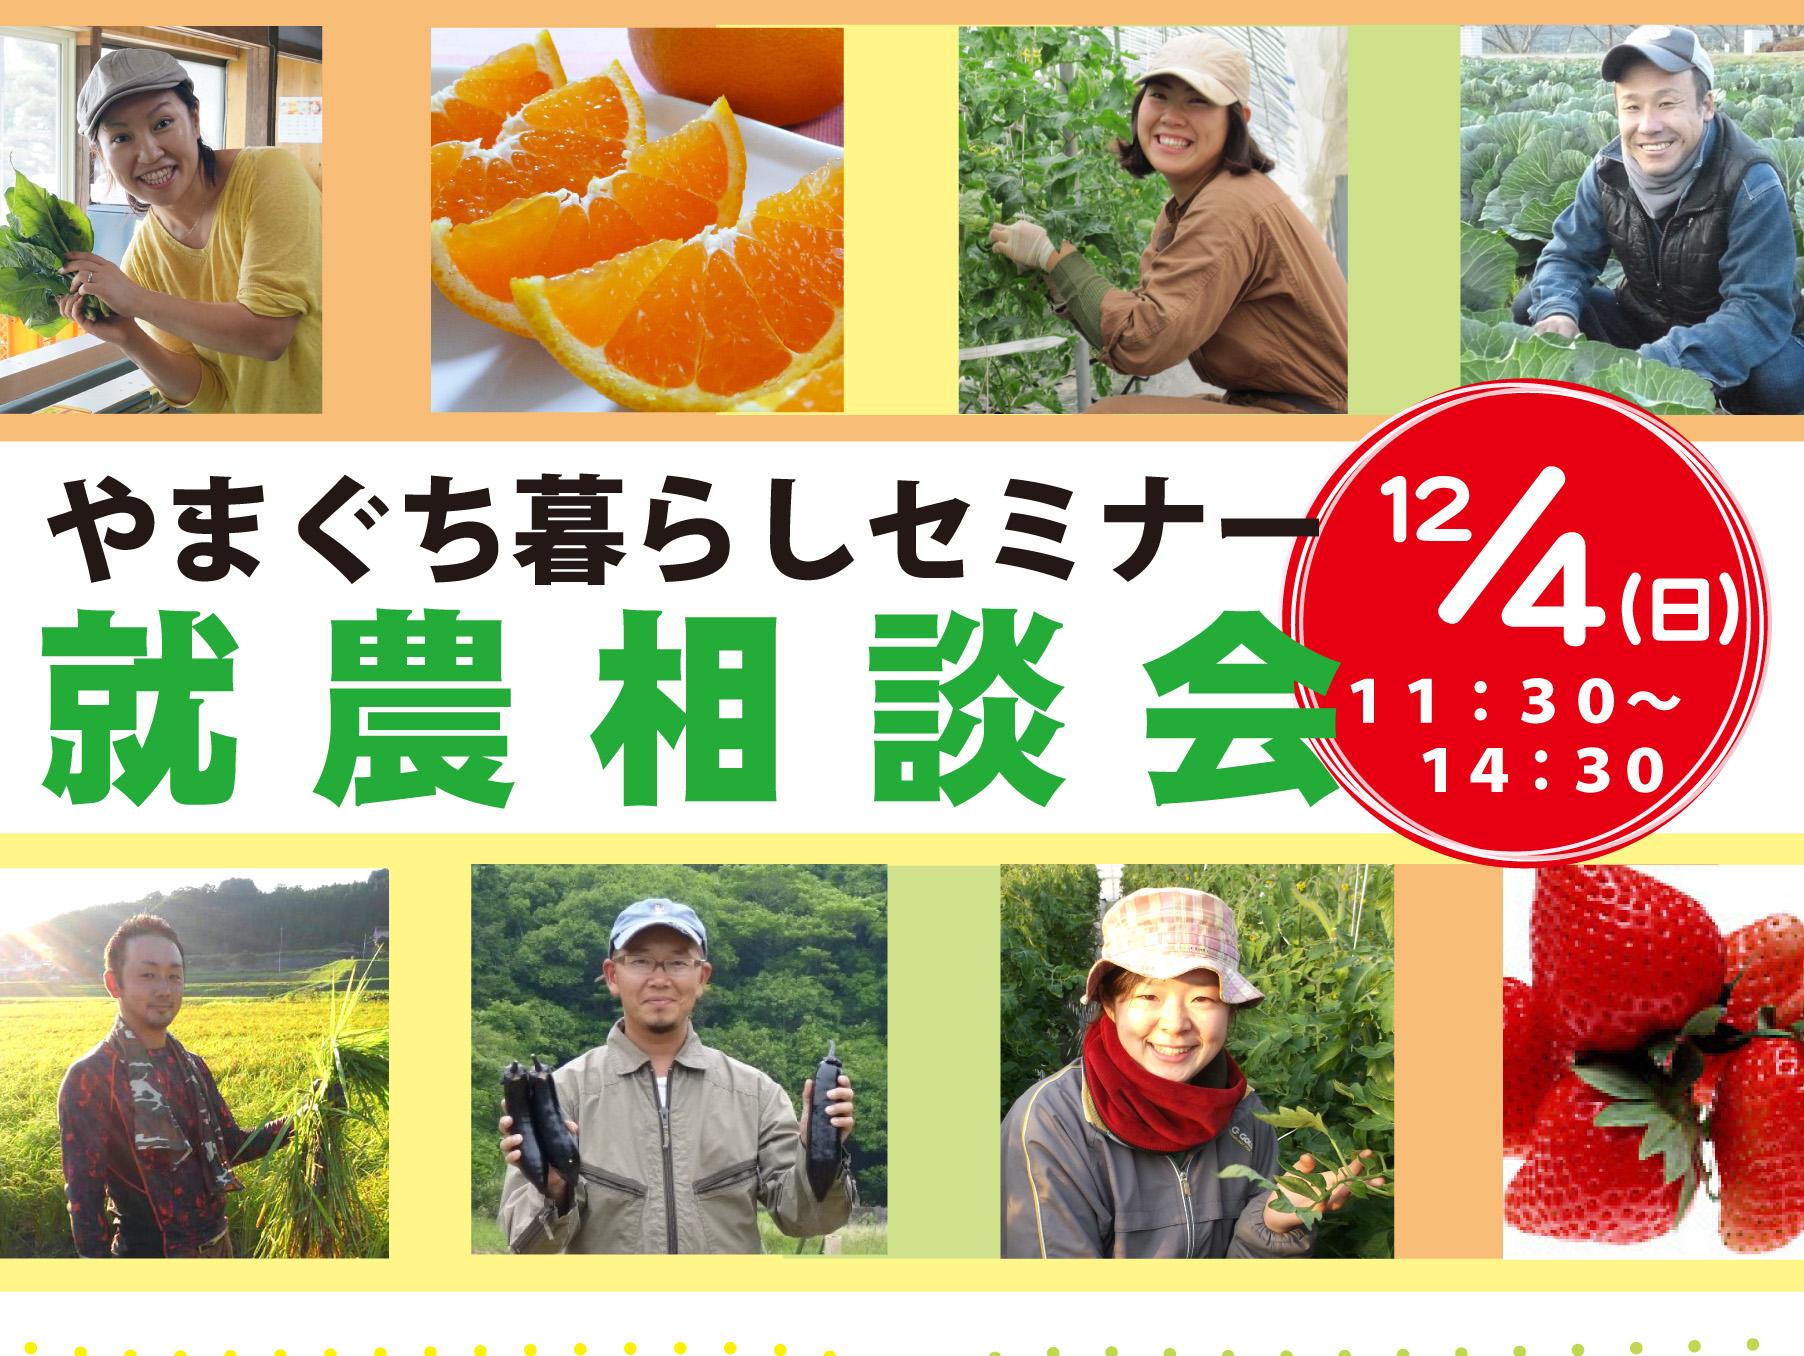 12月4日(日)今年最後のやまぐち暮らしセミナー☆就農相談会☆